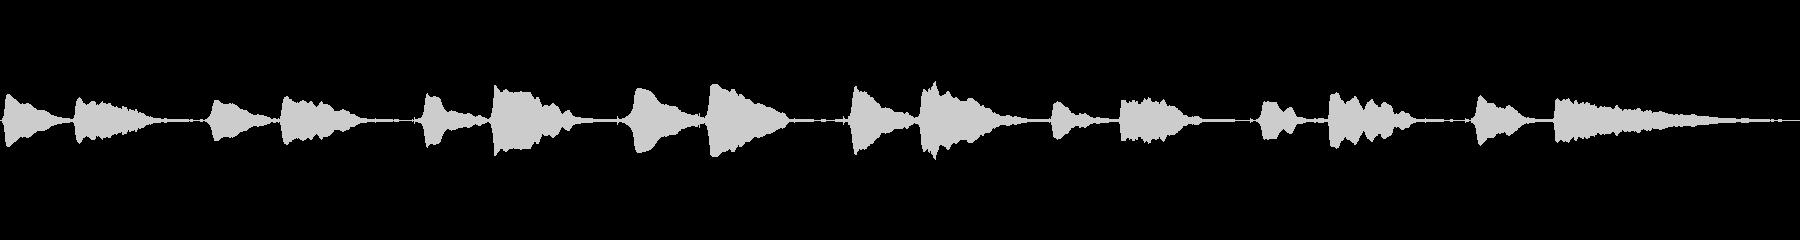 サックス一本の美しい曲です。の未再生の波形